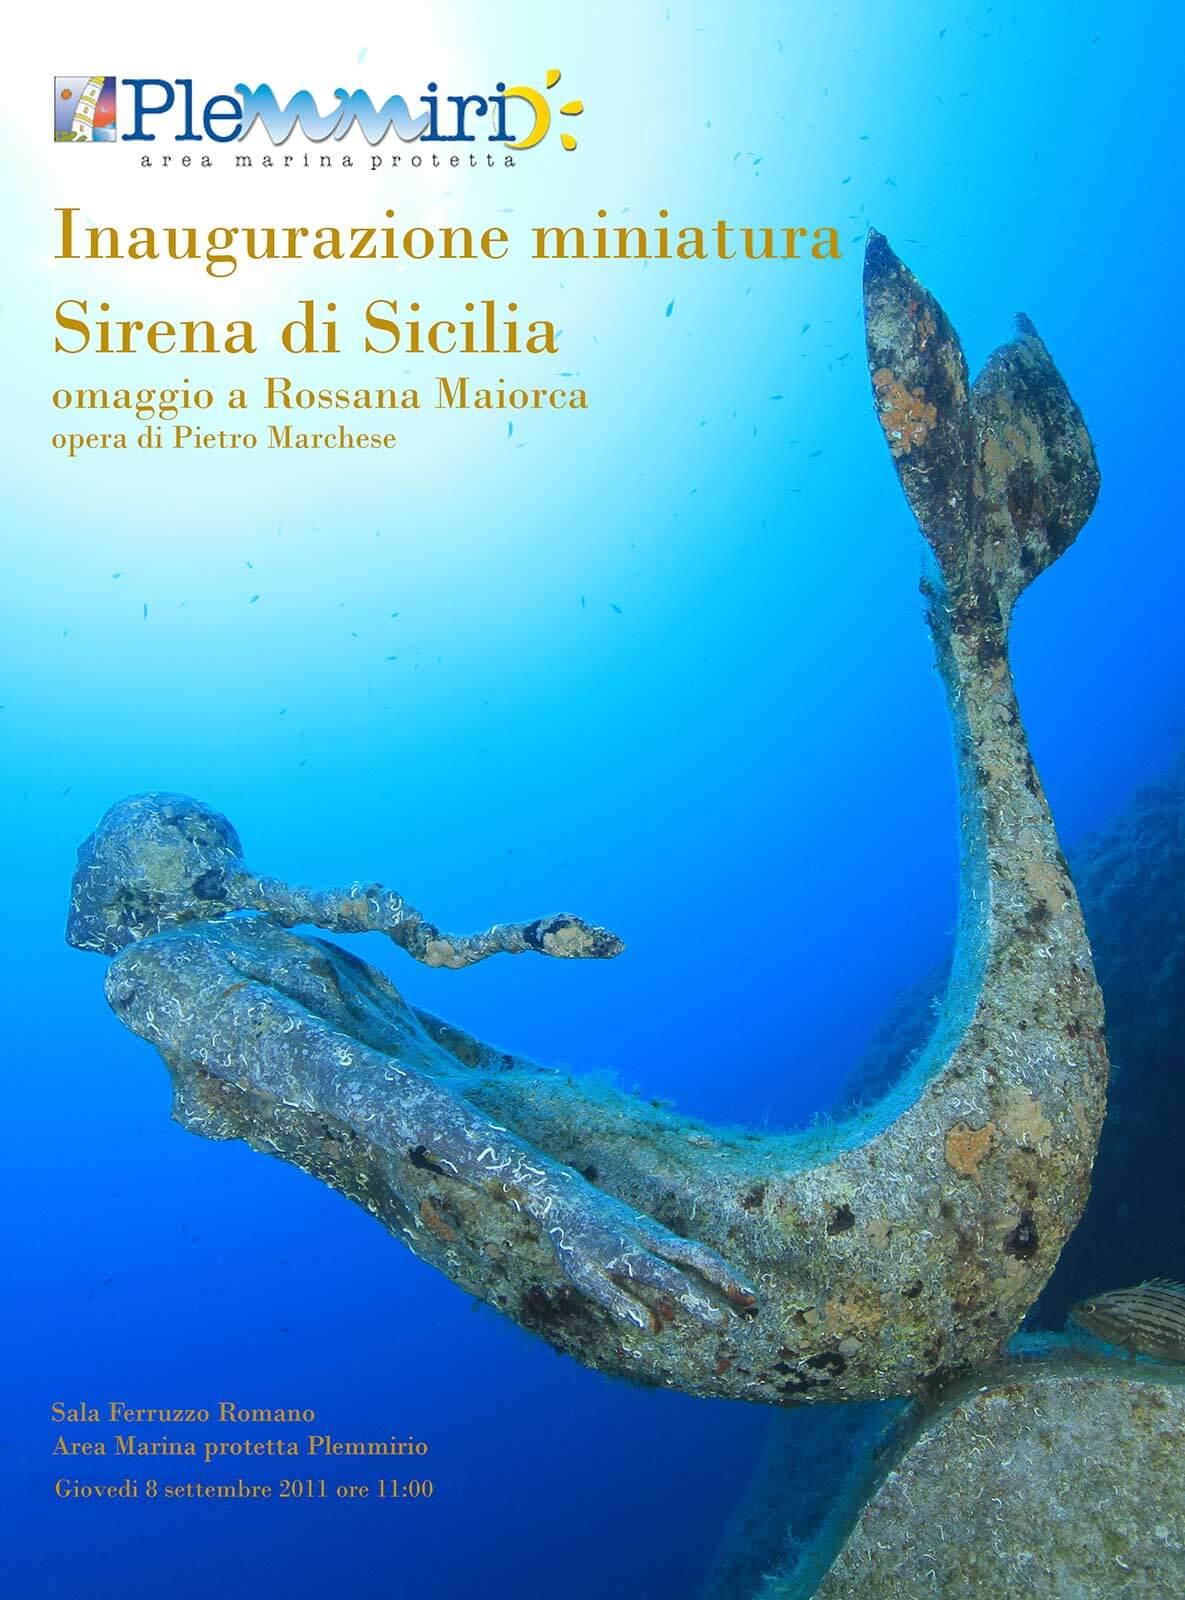 Miniatura Sirena di Sicilia